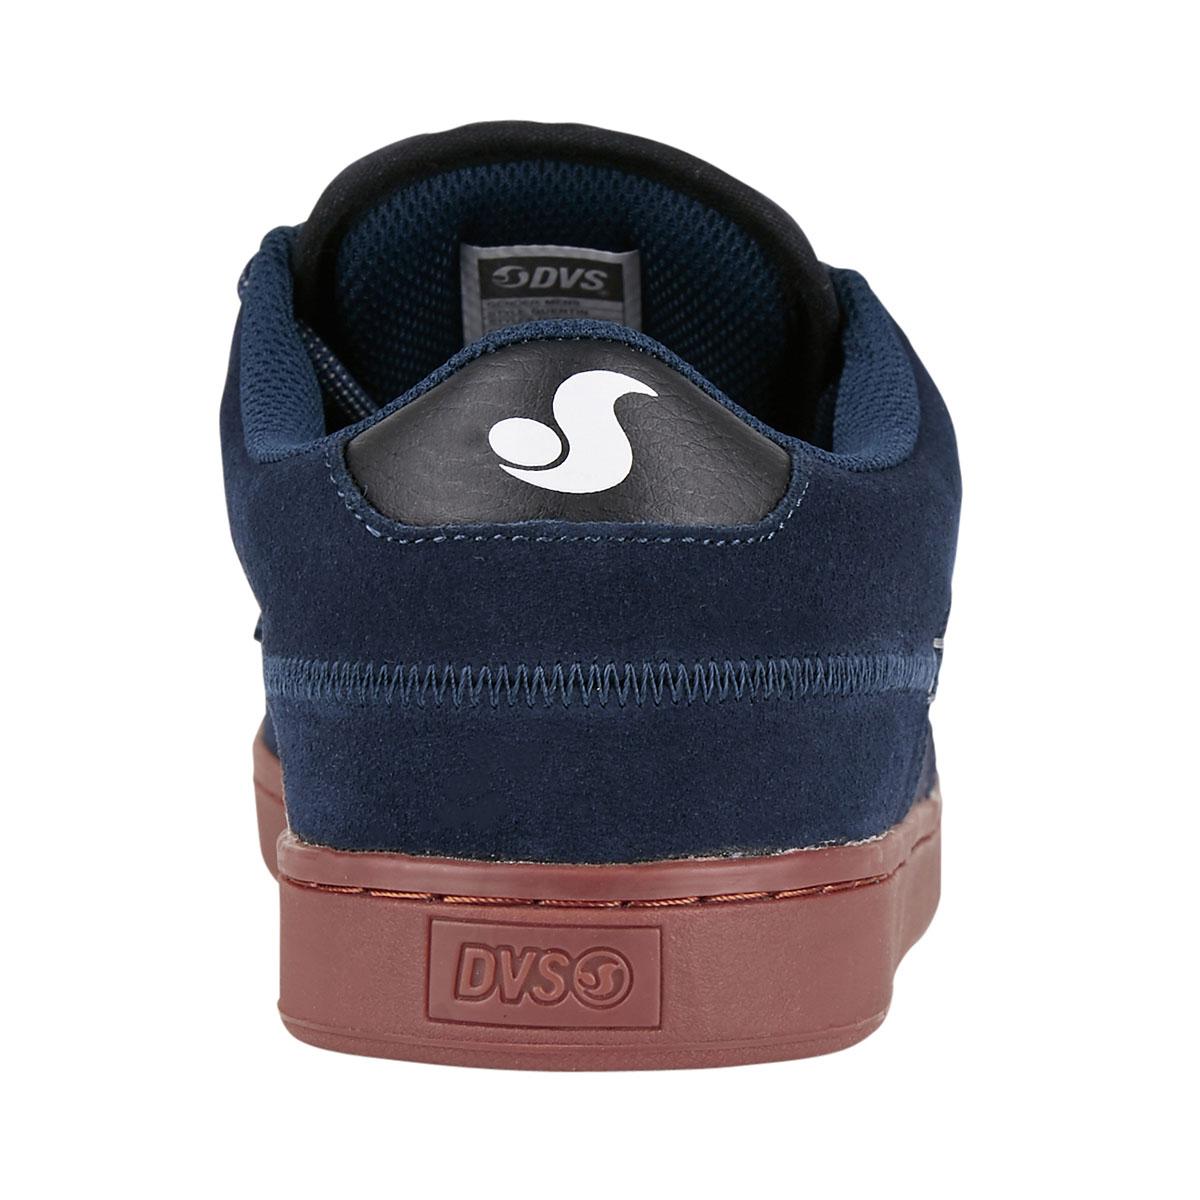 Billig gute Qualität DVS Schuhe Quentin Navy Suede